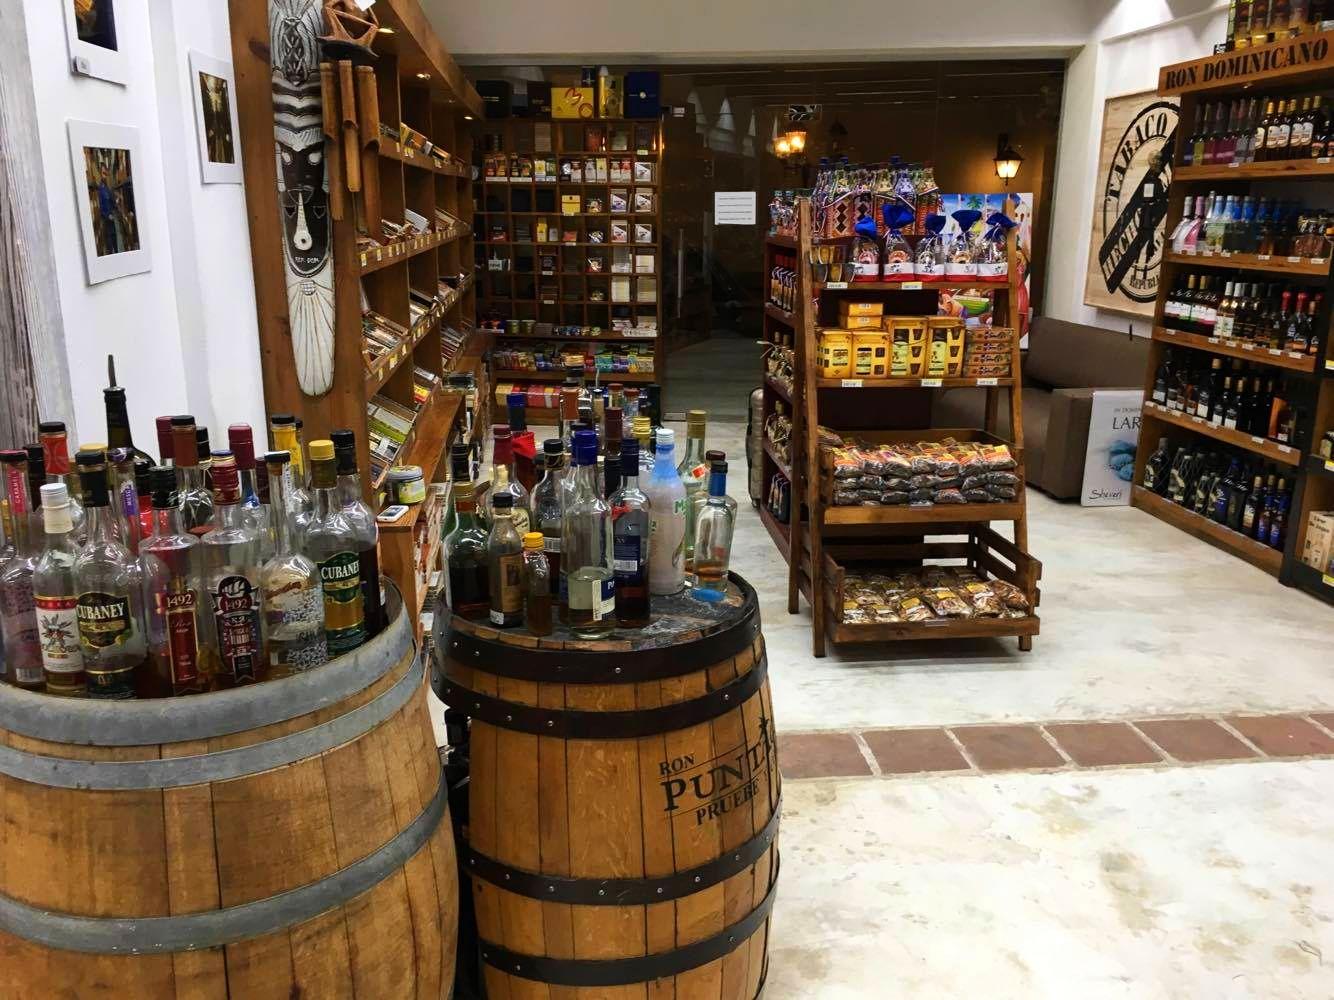 Доминикана шоппинг iDominicana.com